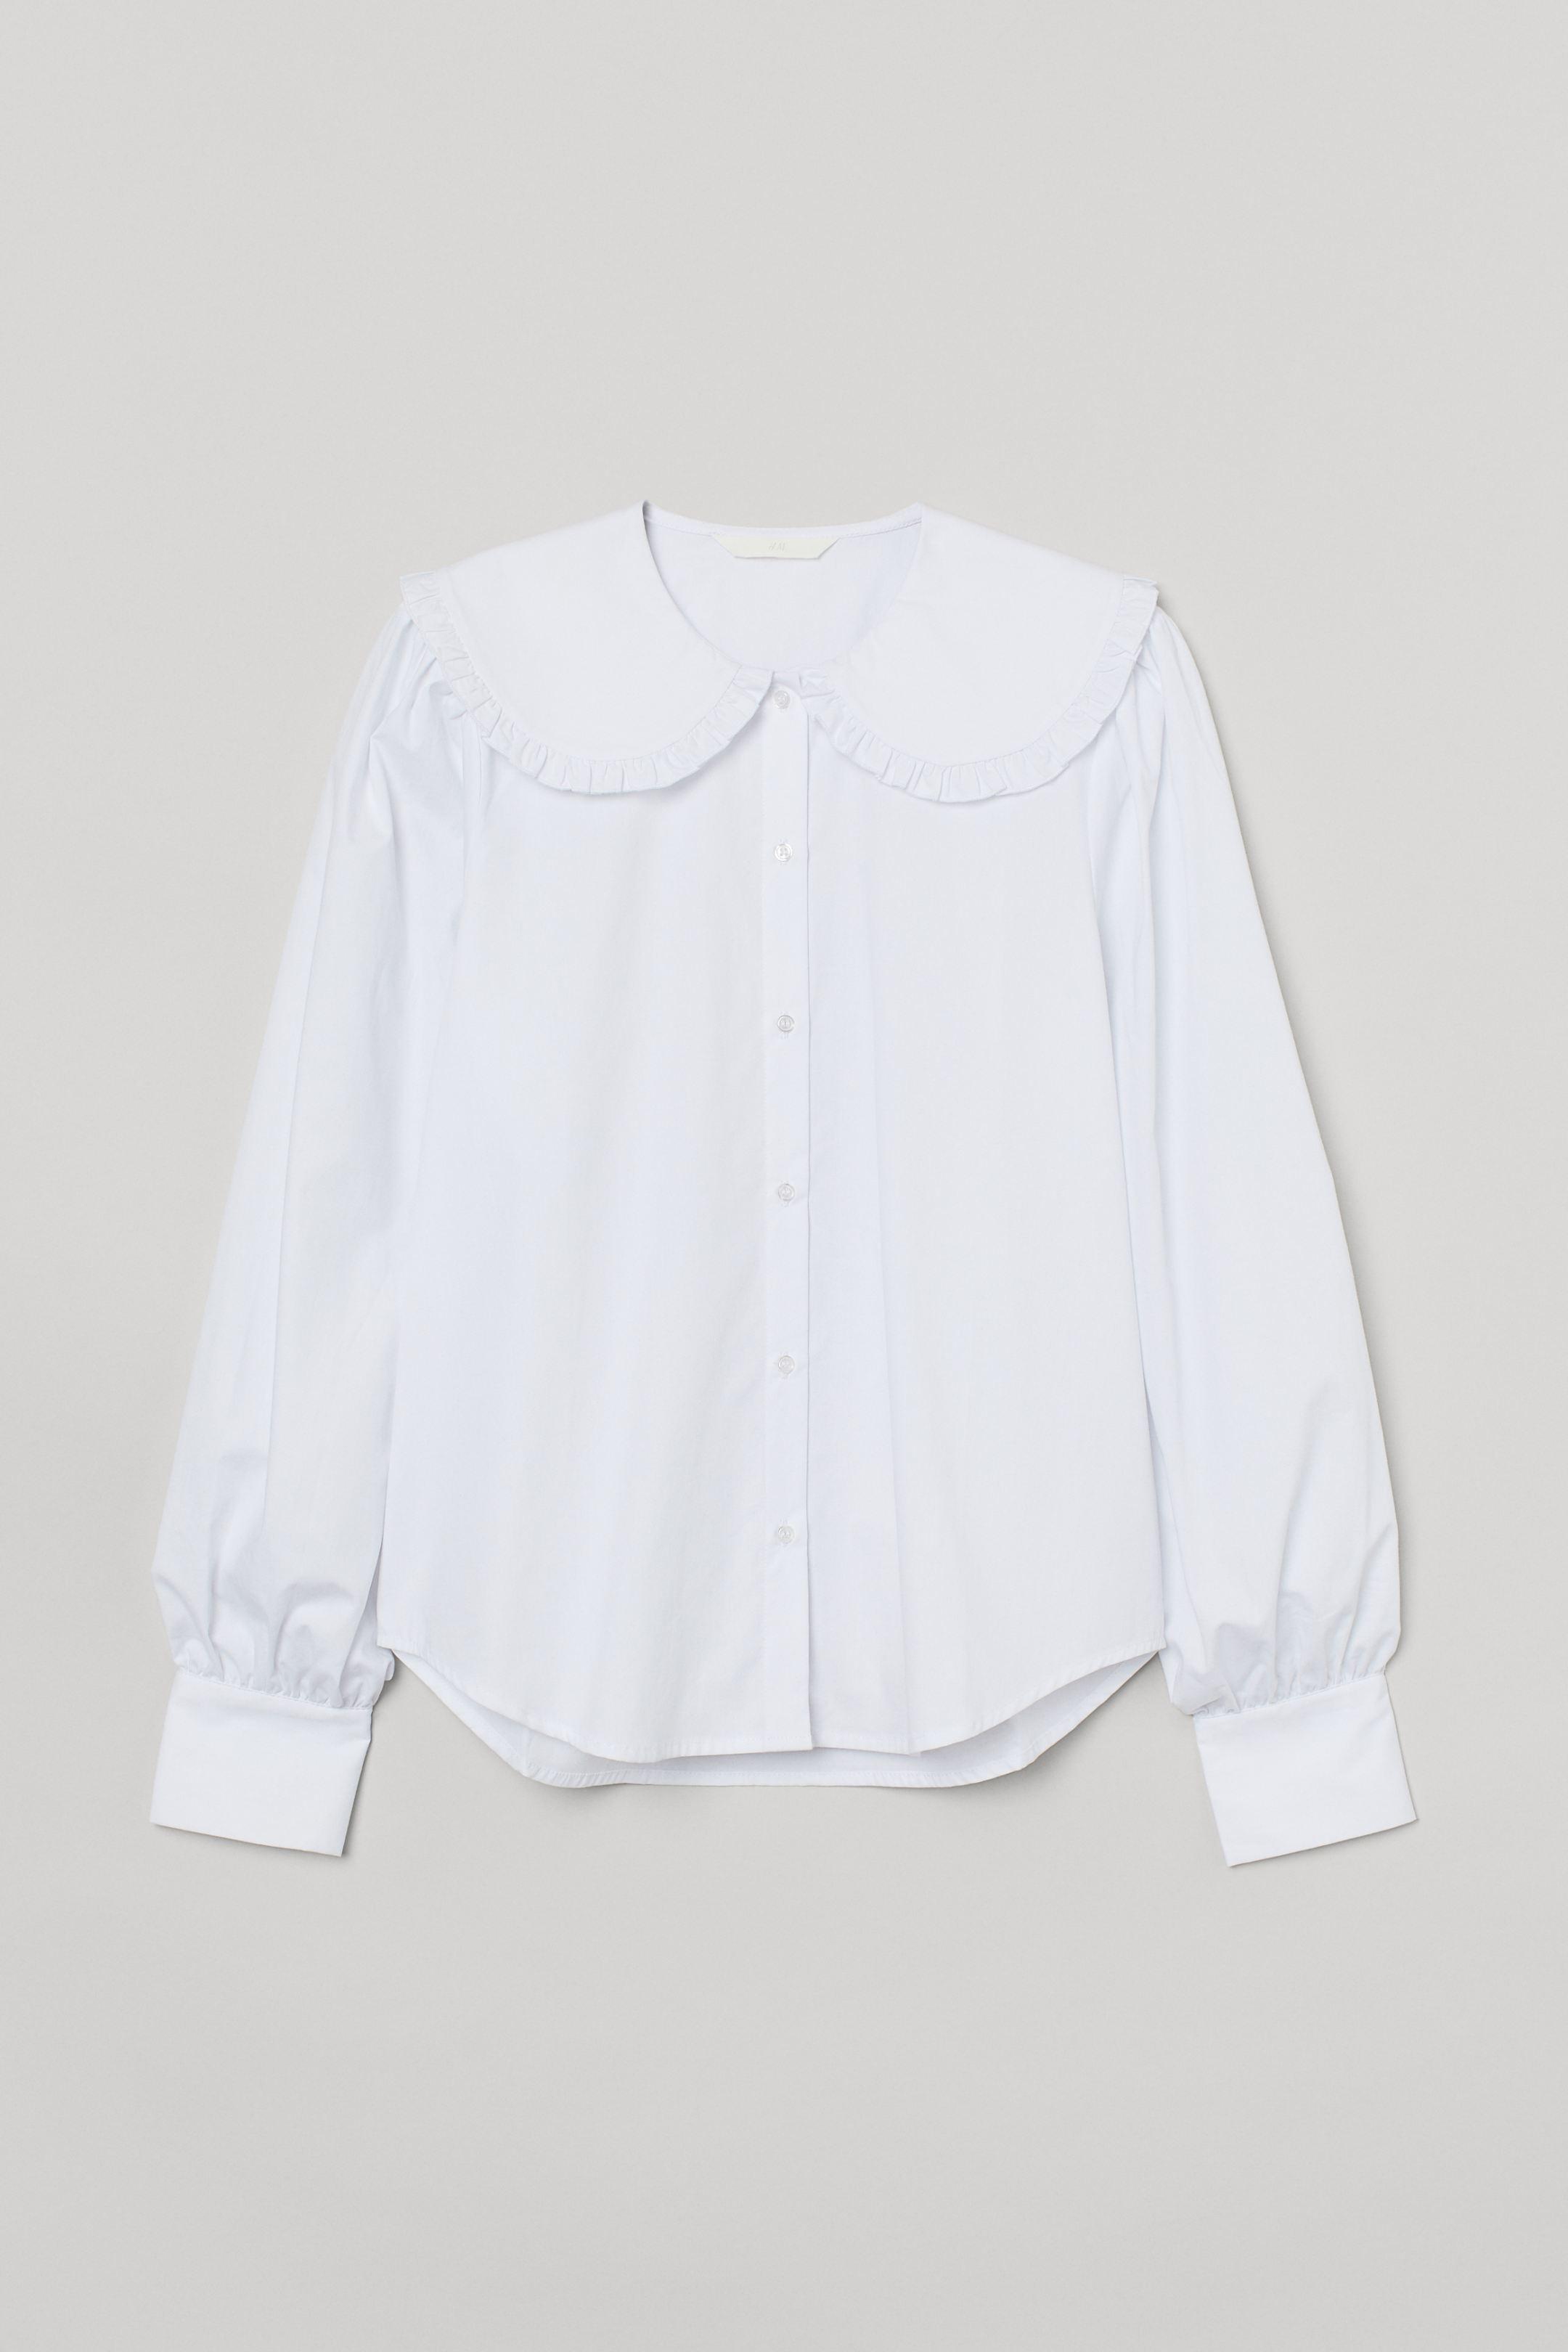 Blusa vaporosa de algodón con cuello amplio doble ribeteado con volante y cierre de botones. Modelo de corte recto con mangas largas, puños amplios abotonados y bajo redondeado con espalda algo más larga.